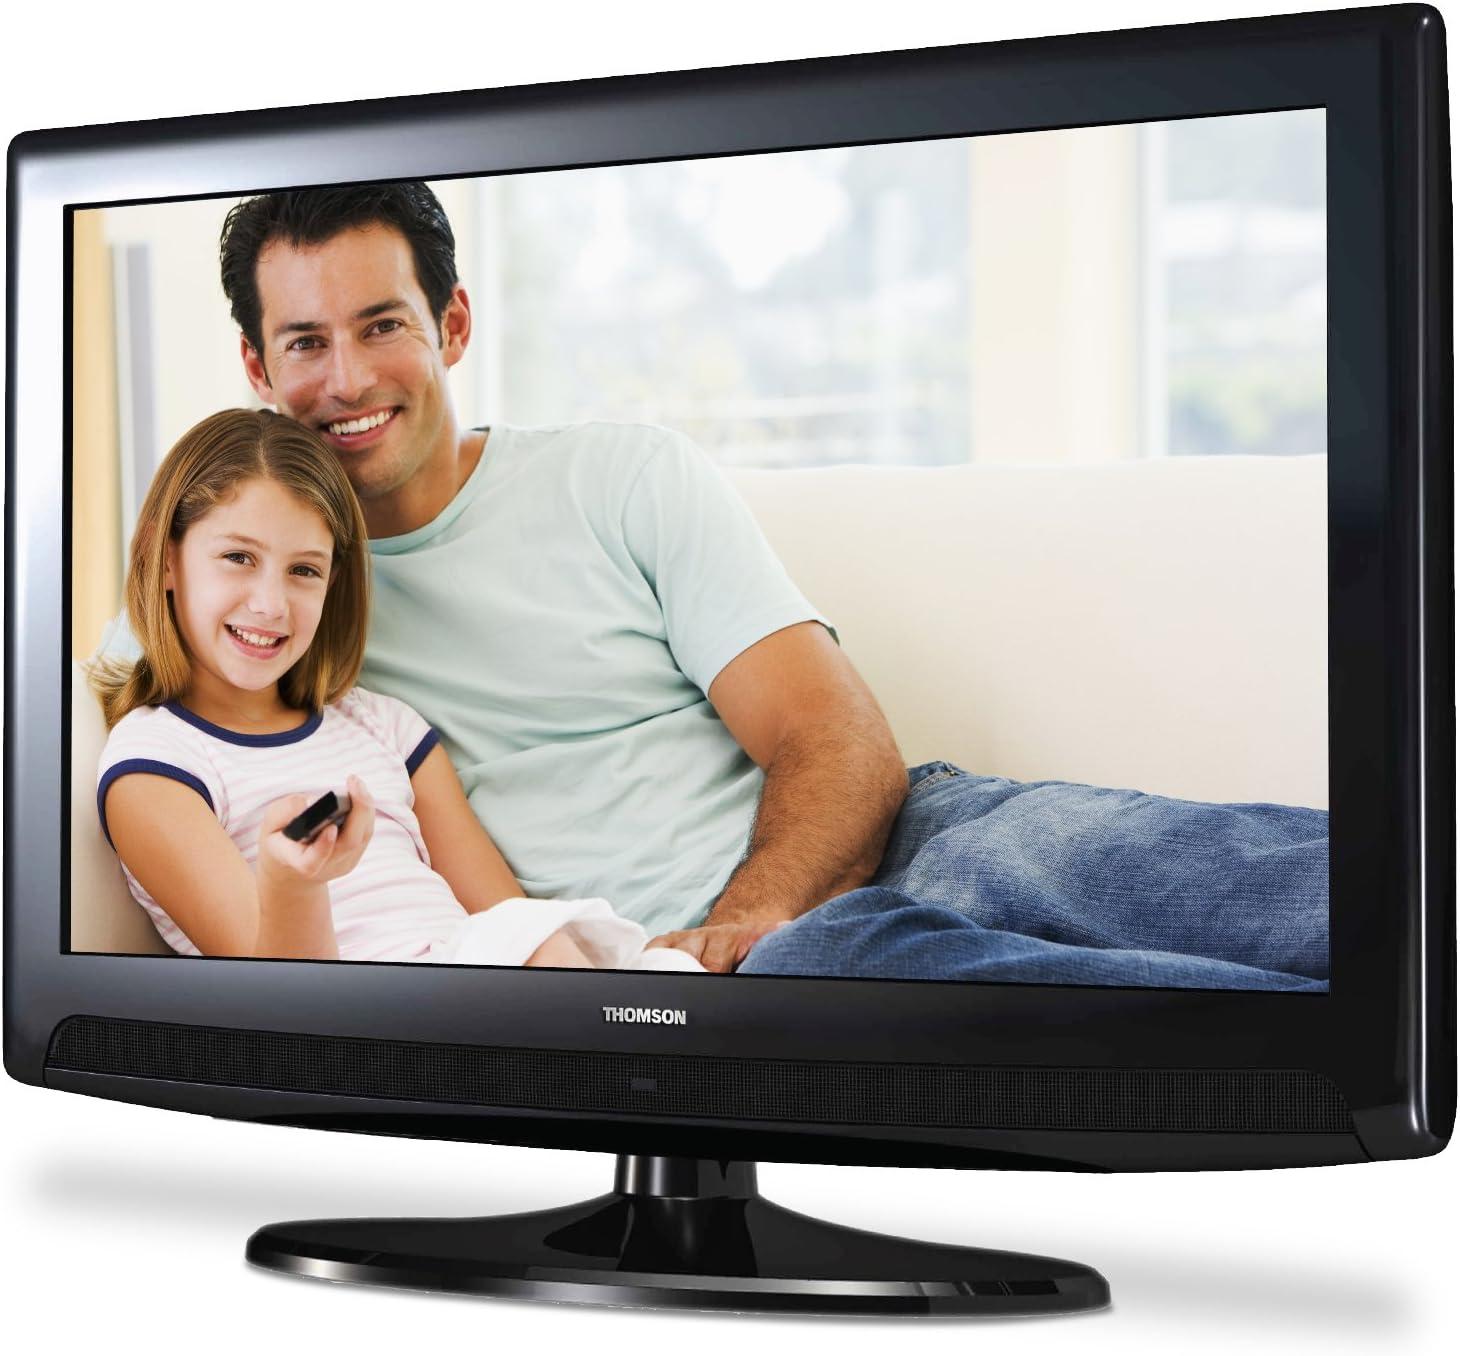 Thomson 32 HR 3234- Televisión HD, Pantalla LCD 32 pulgadas: Amazon.es: Electrónica